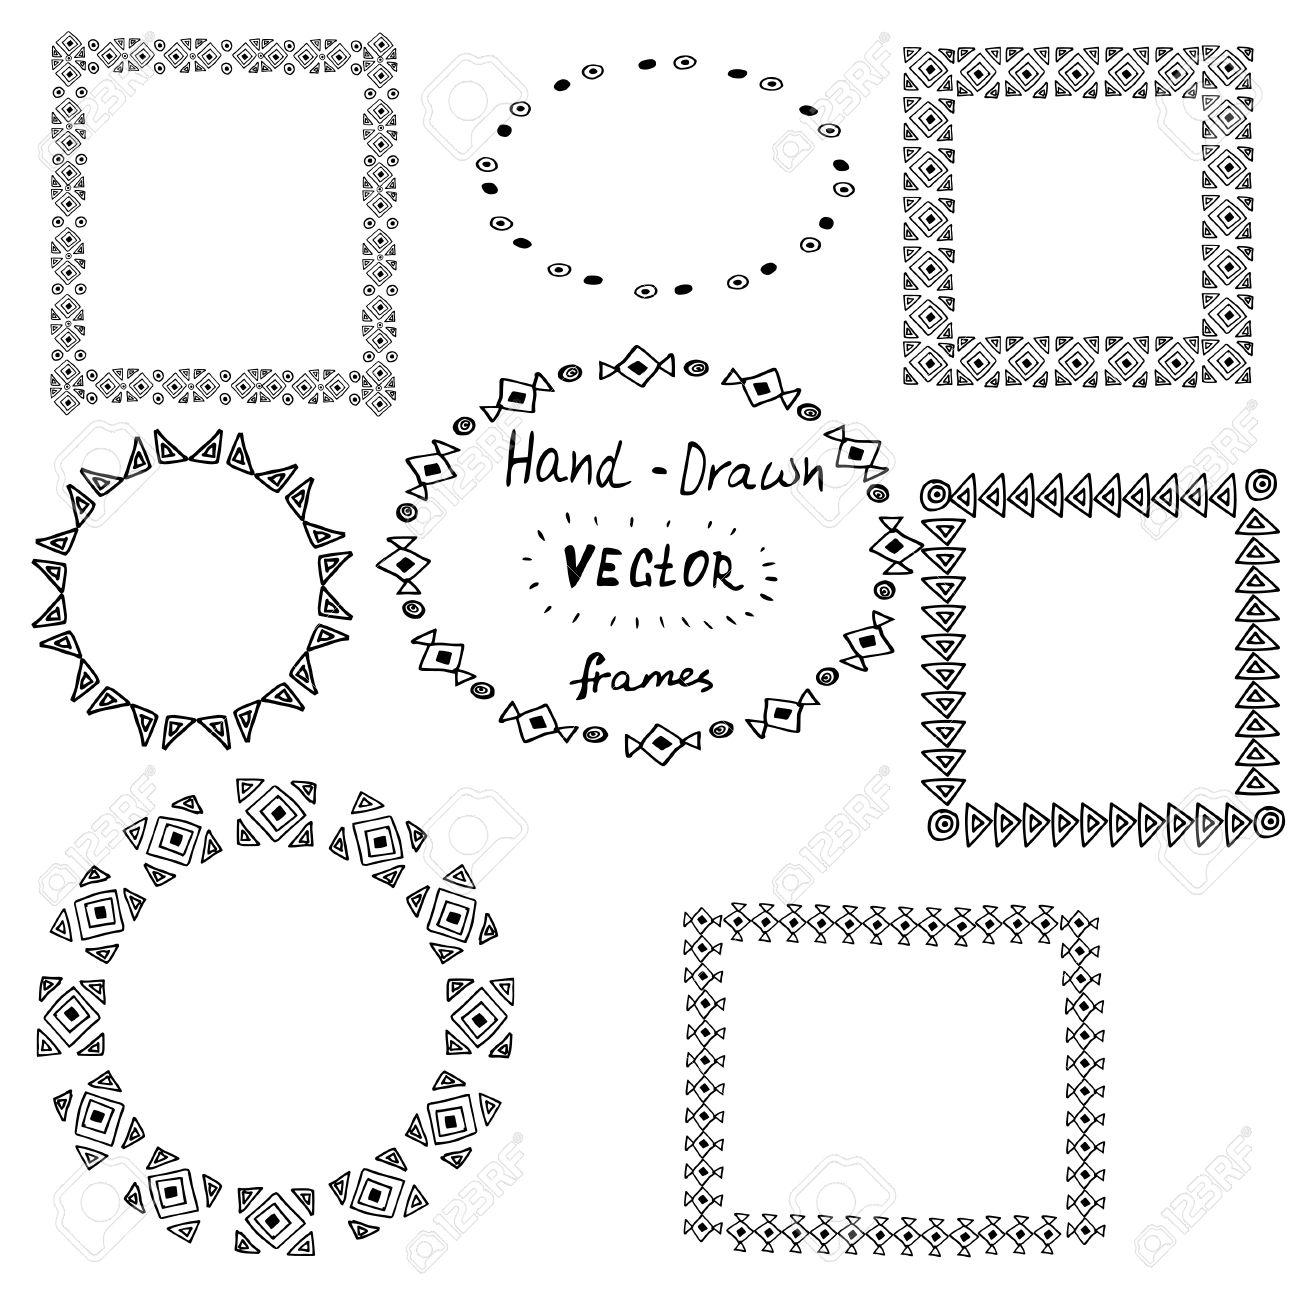 Tolle Ovaler Rahmen Tätowierung Fotos - Rahmen Ideen ...